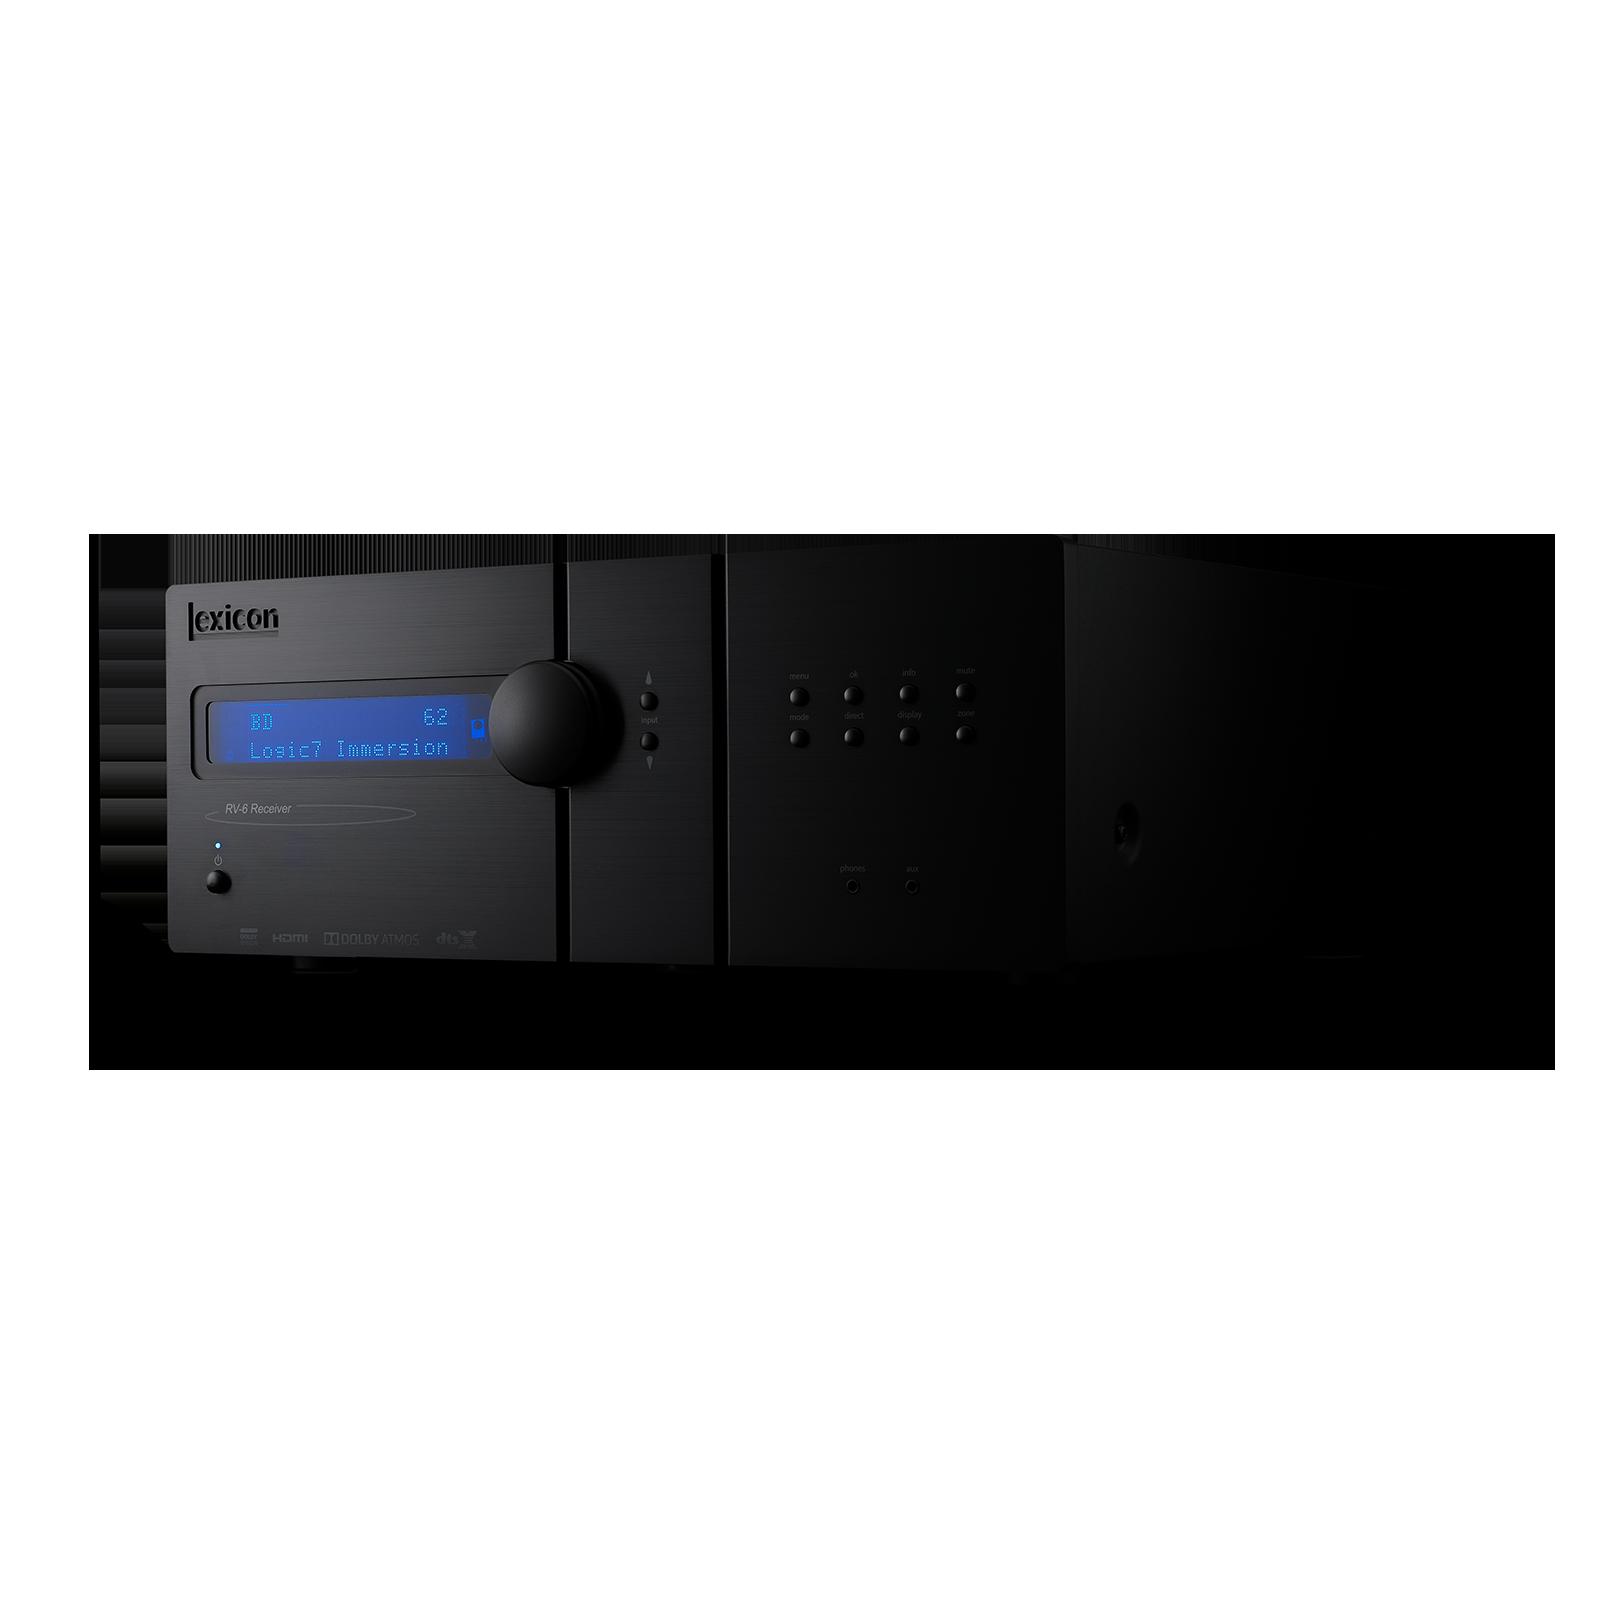 Lexicon RV-6 - Black - Immersive Surround Sound Receiver - Detailshot 2